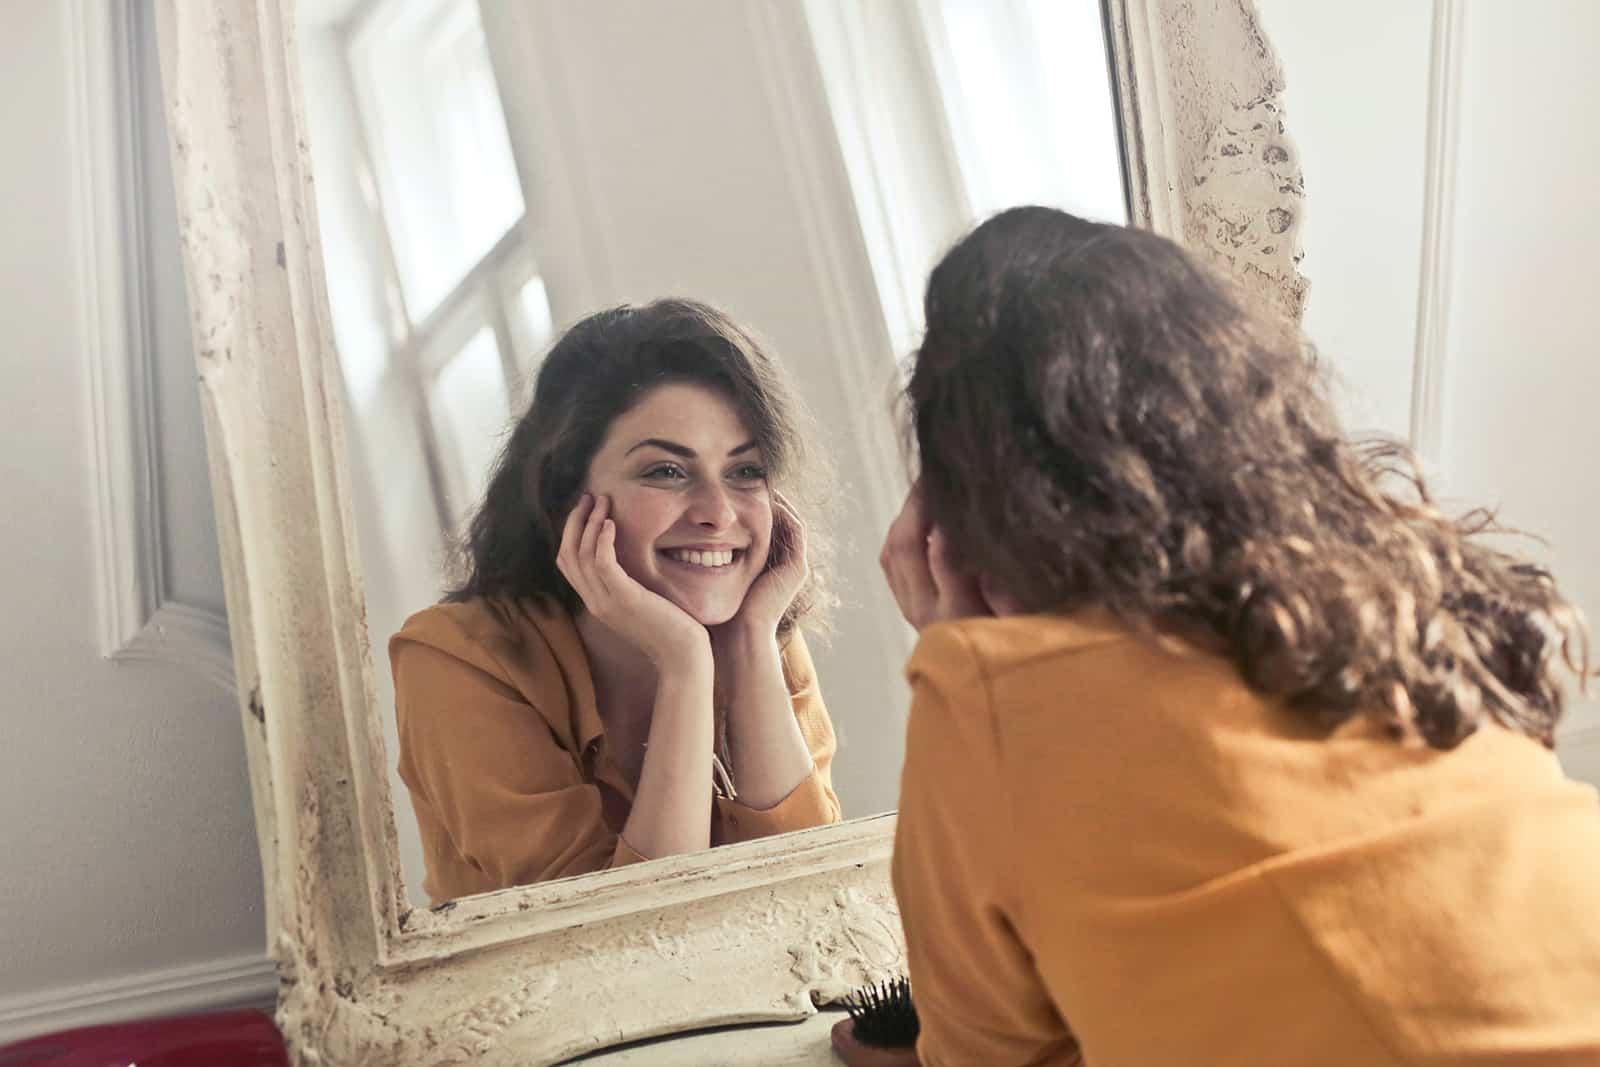 eine lächelnde Frau, die vor dem Spiegel steht und sich selbst betrachtet